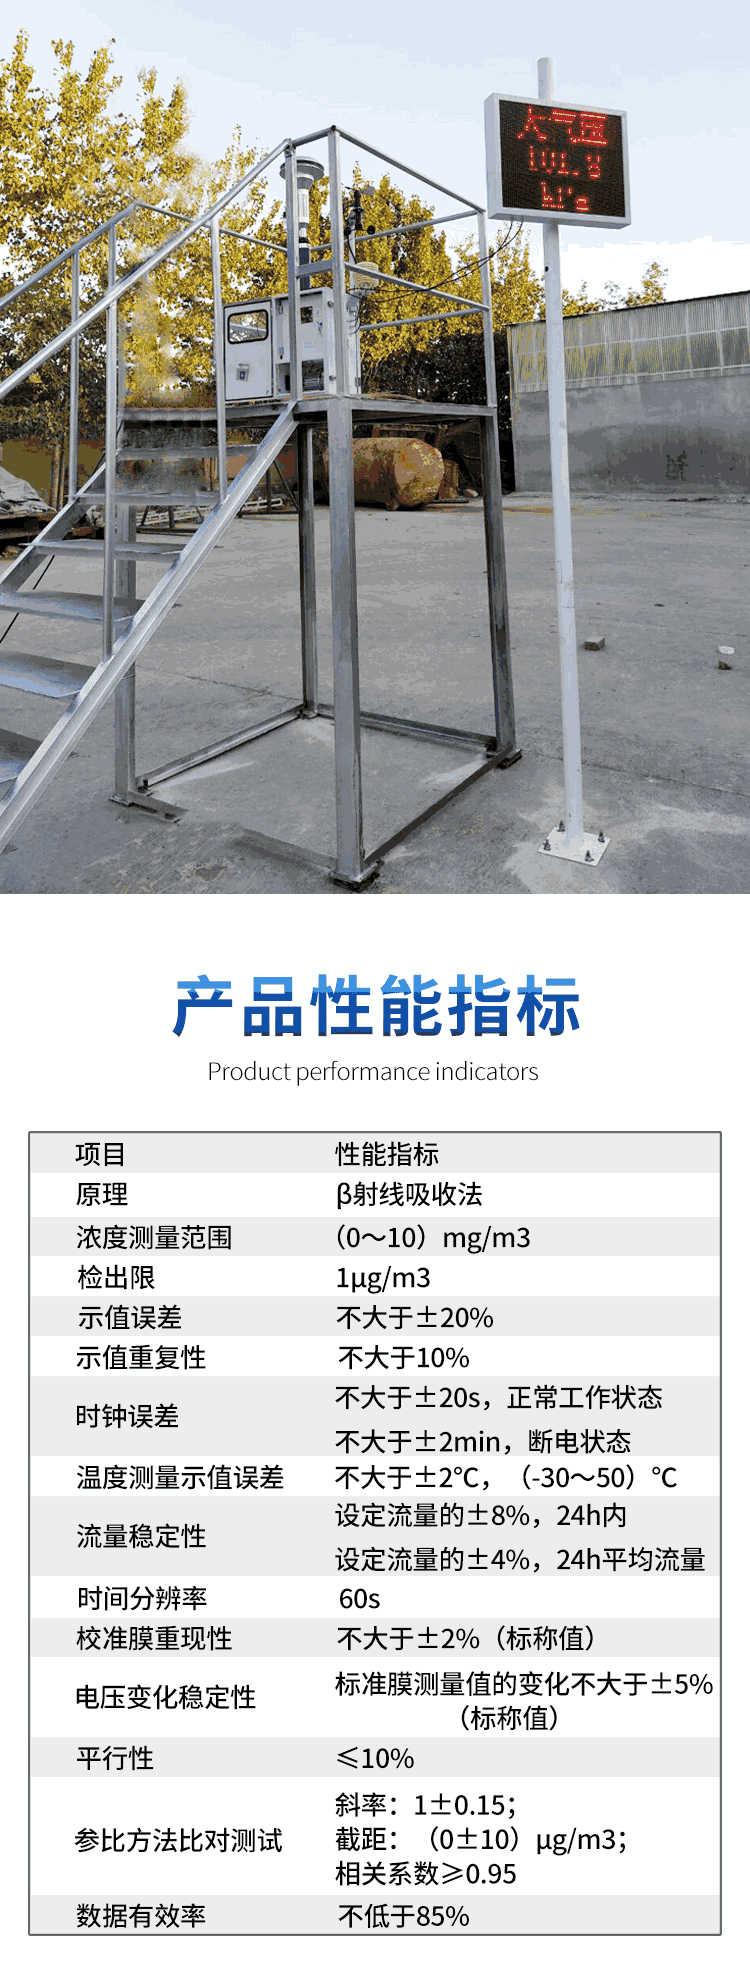 β射线扬尘产品性能指标